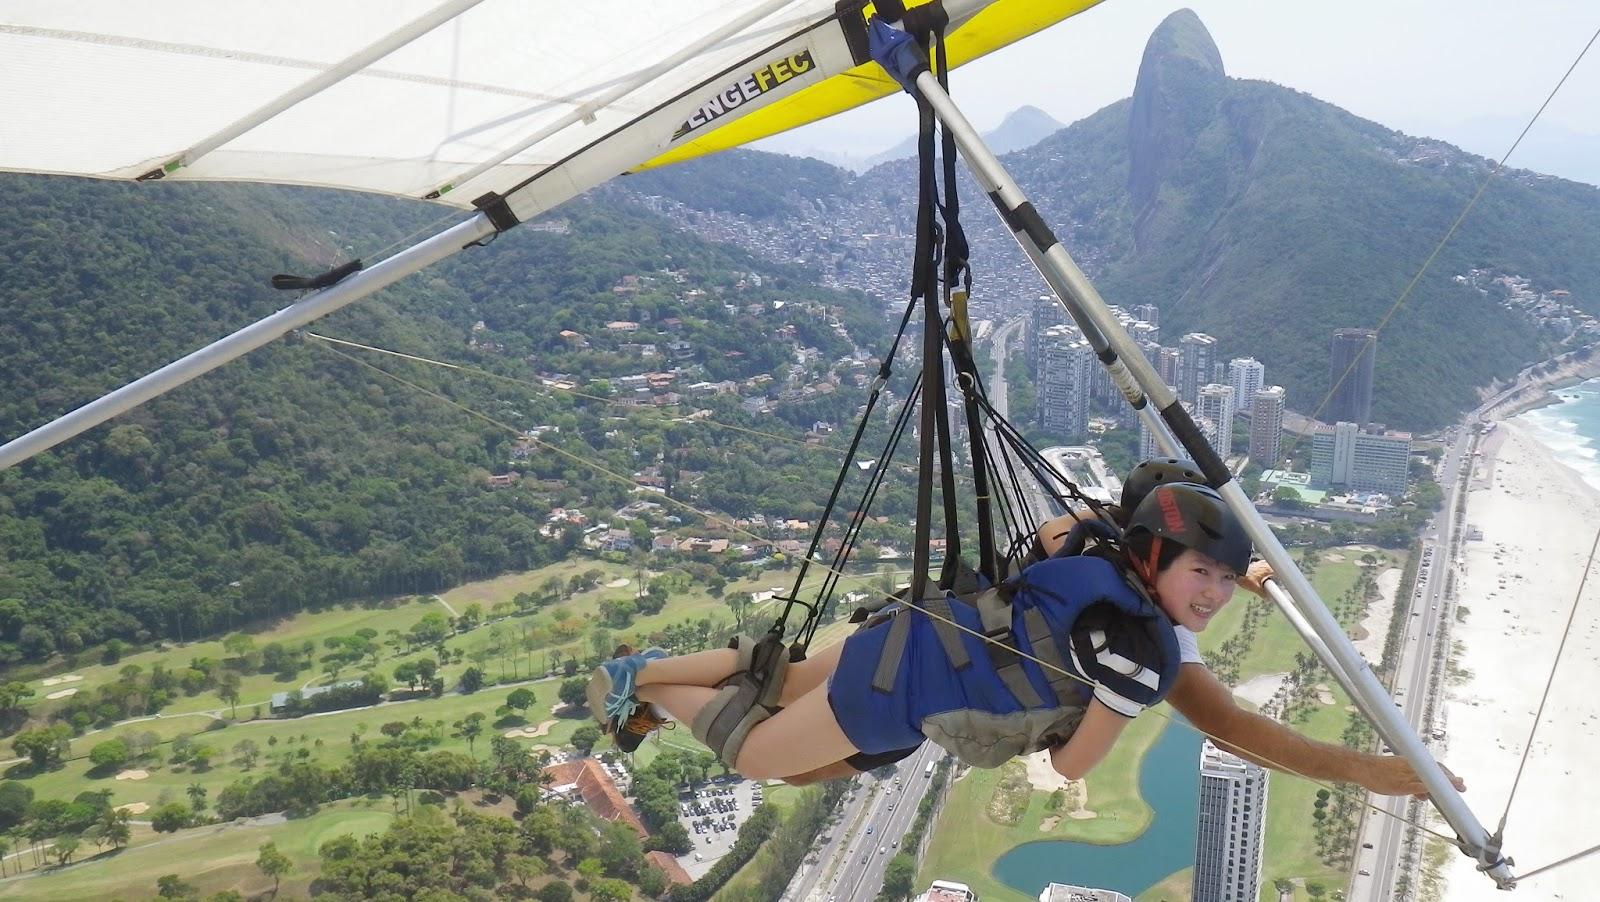 Hang Gliding over Sao Conrado in Rio de Janeiro with Rio Adventures